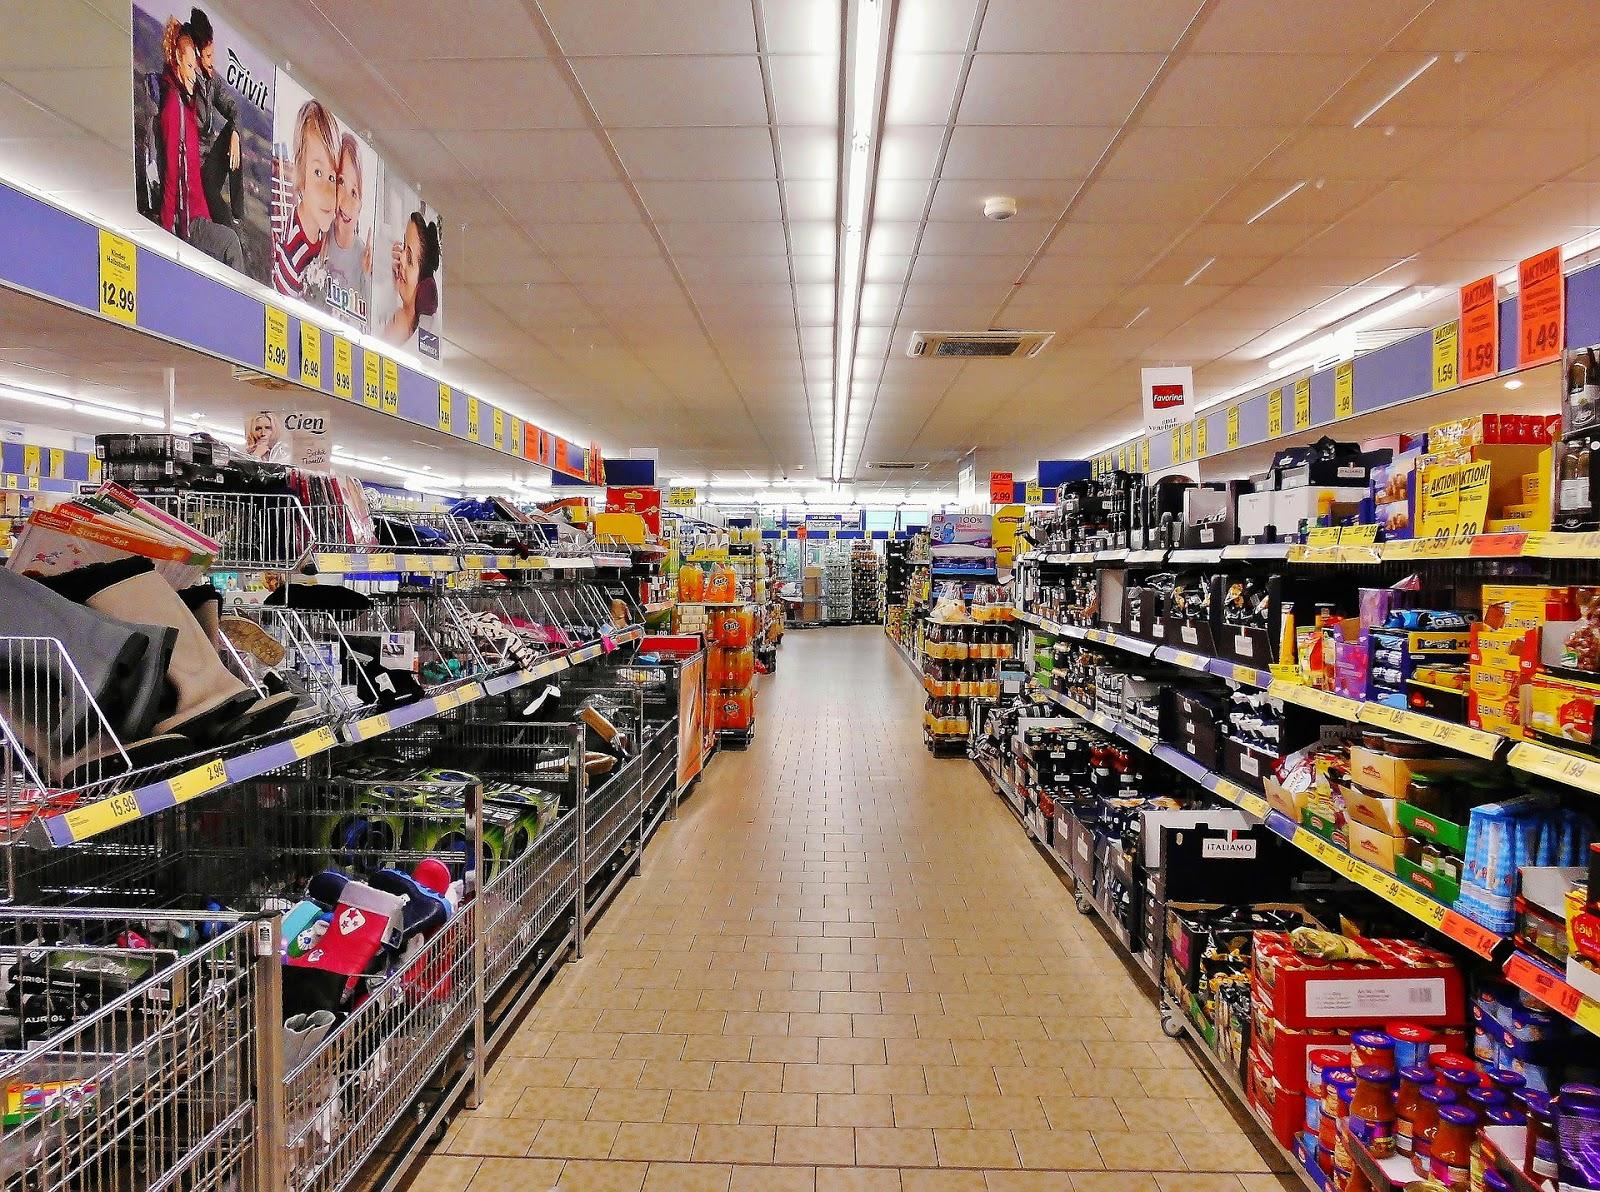 Πώς θα ελέγξετε πολύ εύκολα τις τιμές των προϊόντων;